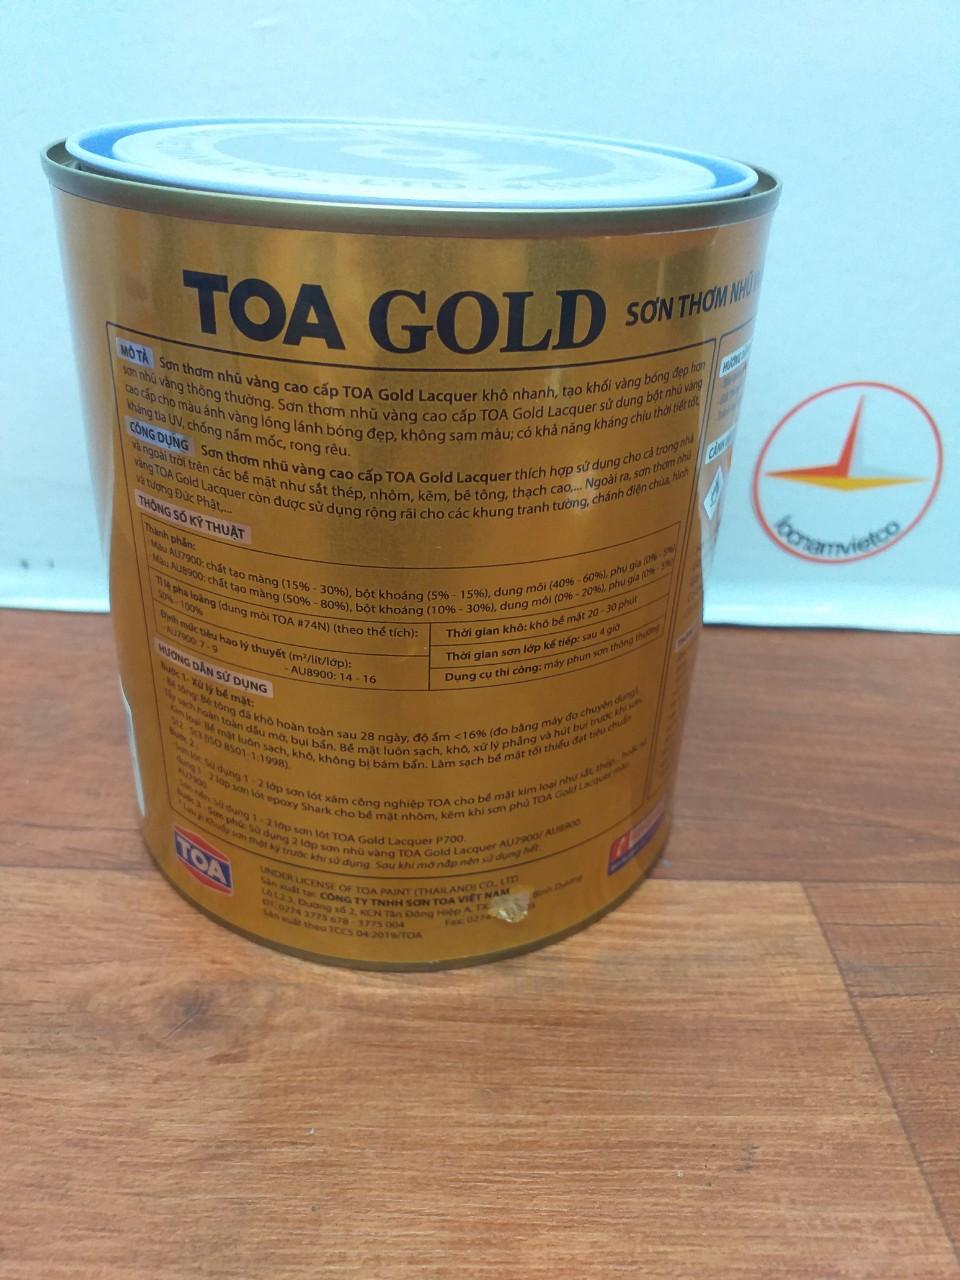 SON NHU VANG TOA GOLD DUNG CHO SAT (4)